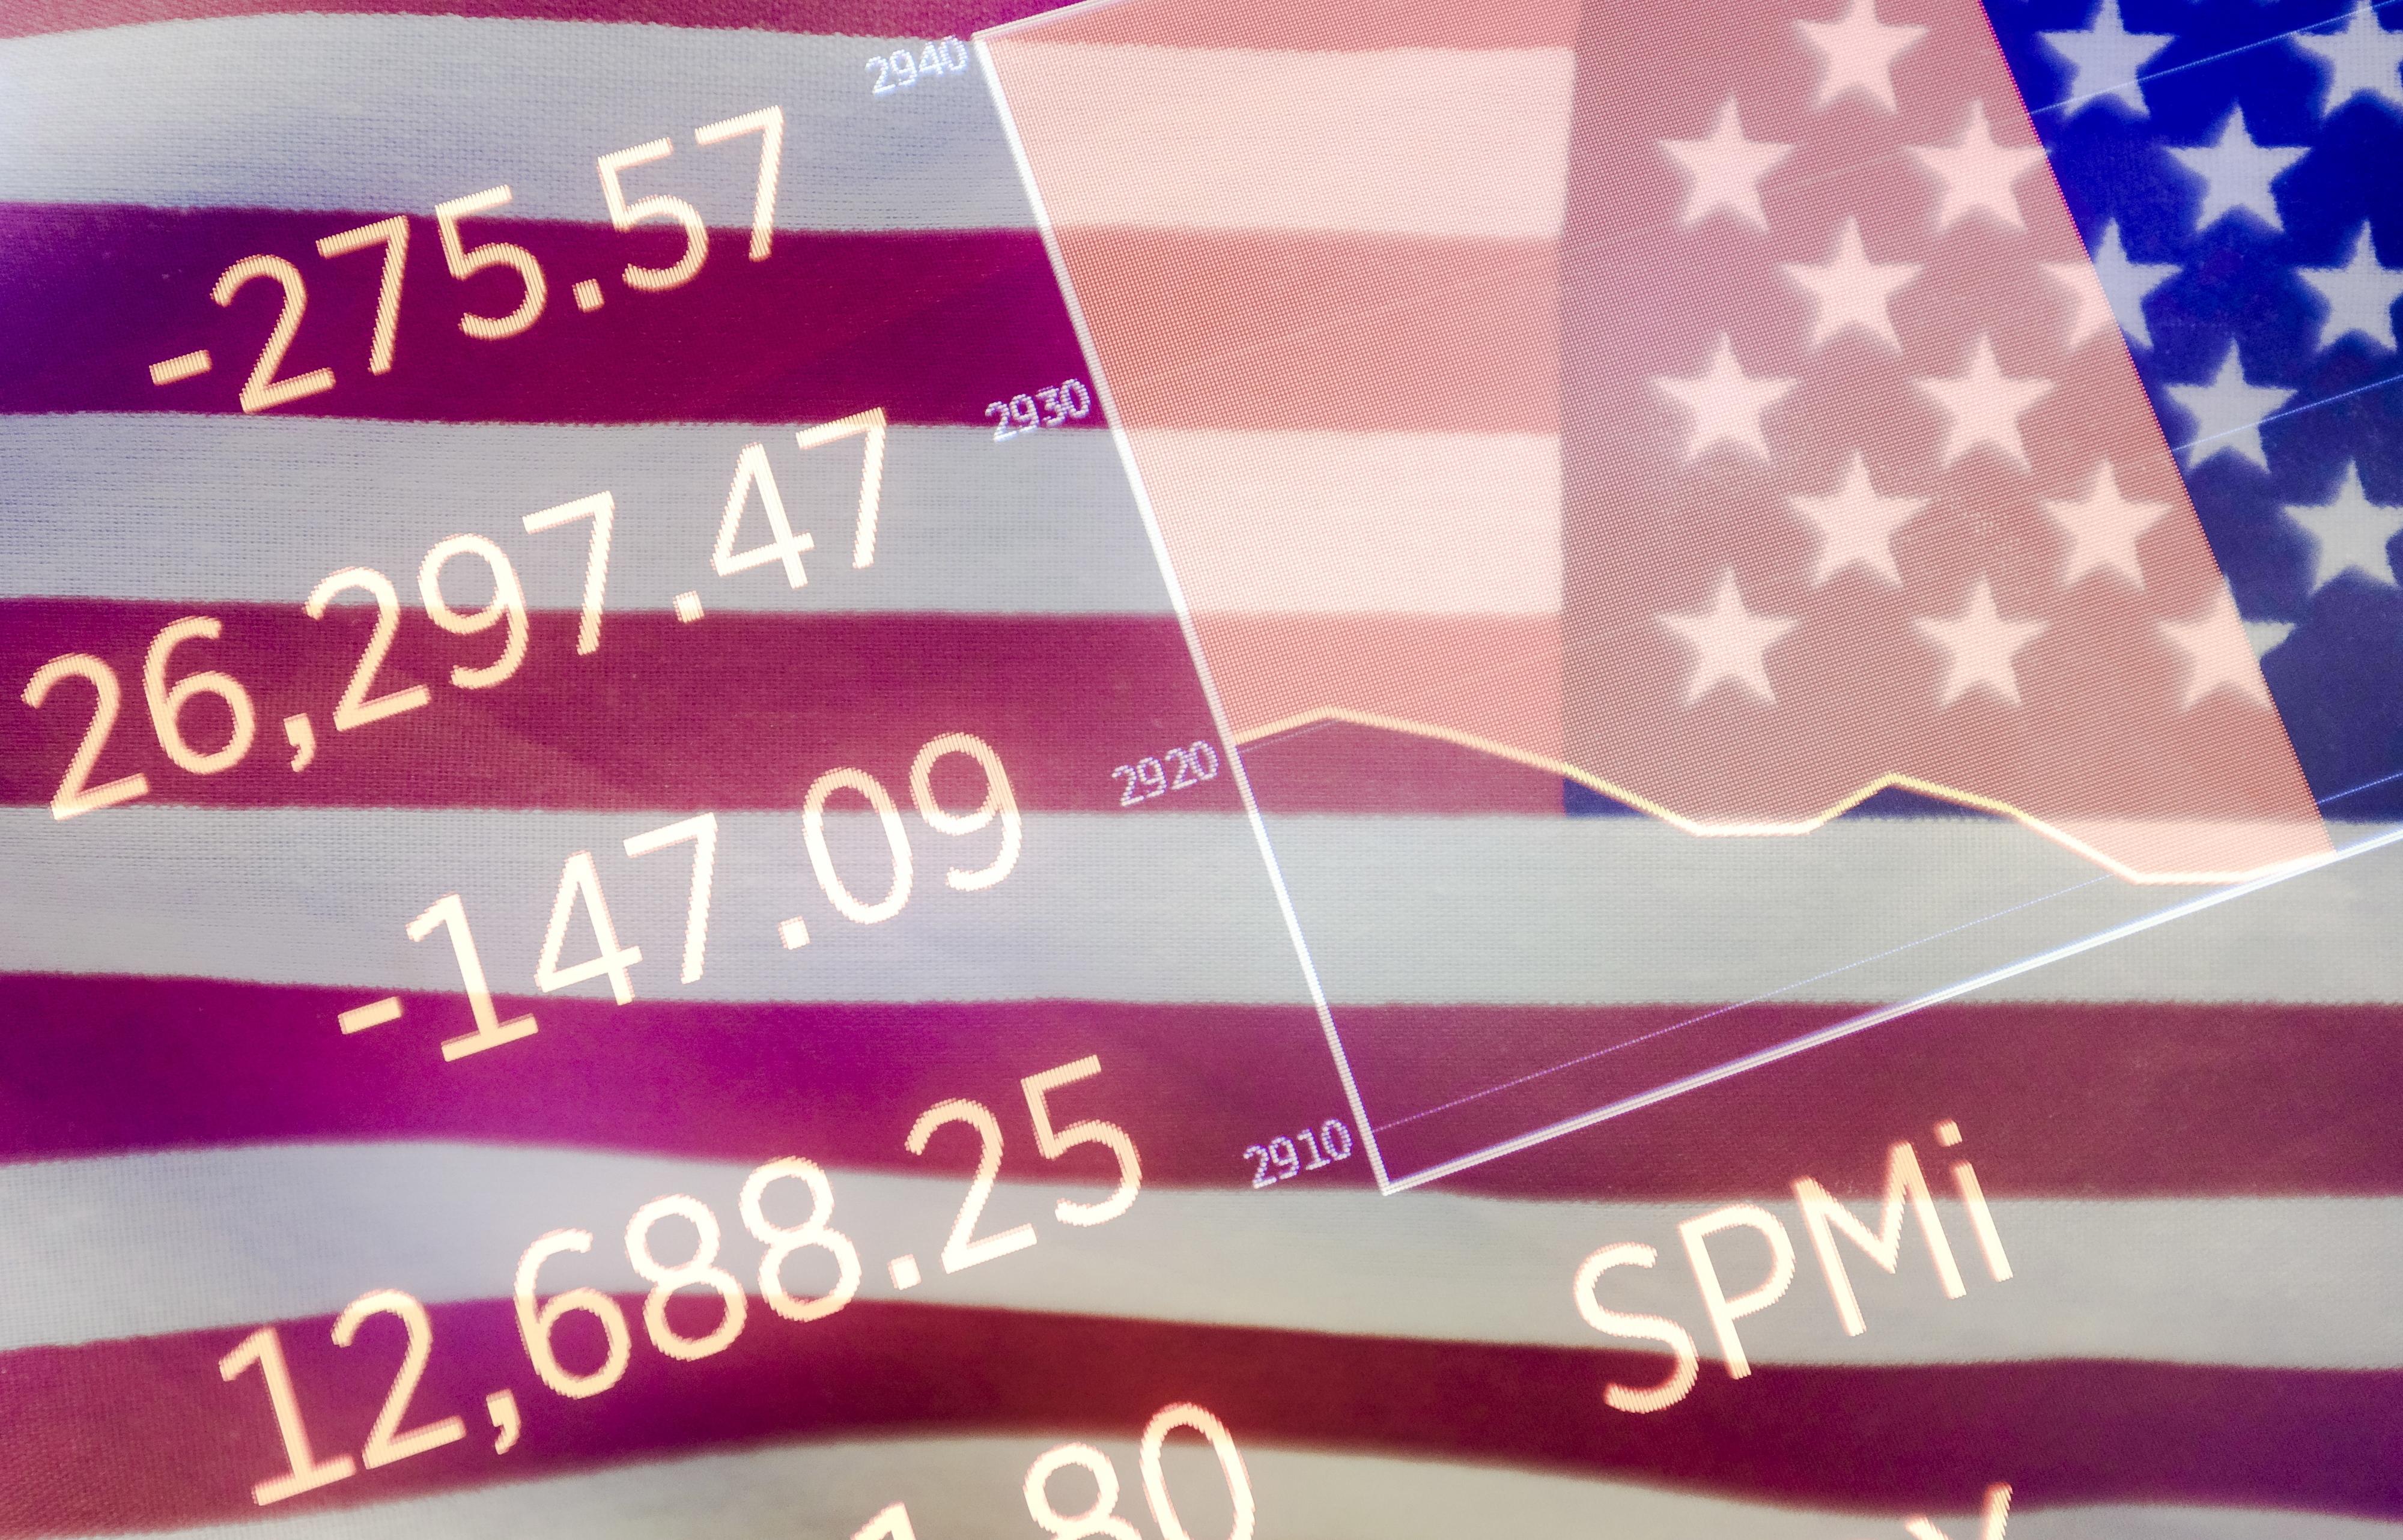 Bolsa nova-iorquina segue mista à espera de concretização de acordo comercial